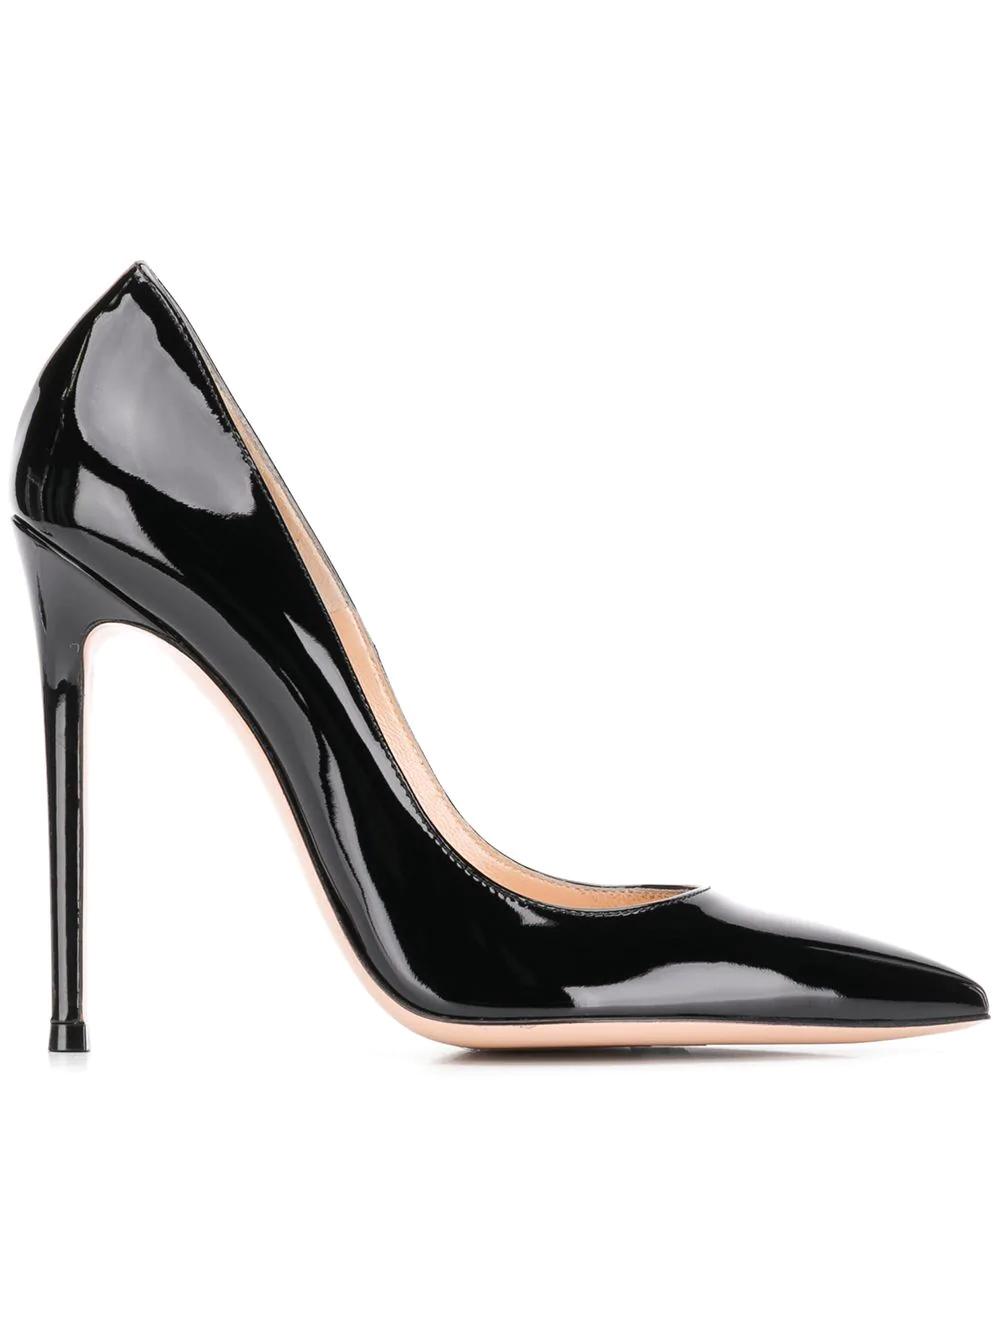 0d3b72817b4 Gianvito Rossi Gianvito 105 Sandals - Farfetch In Black